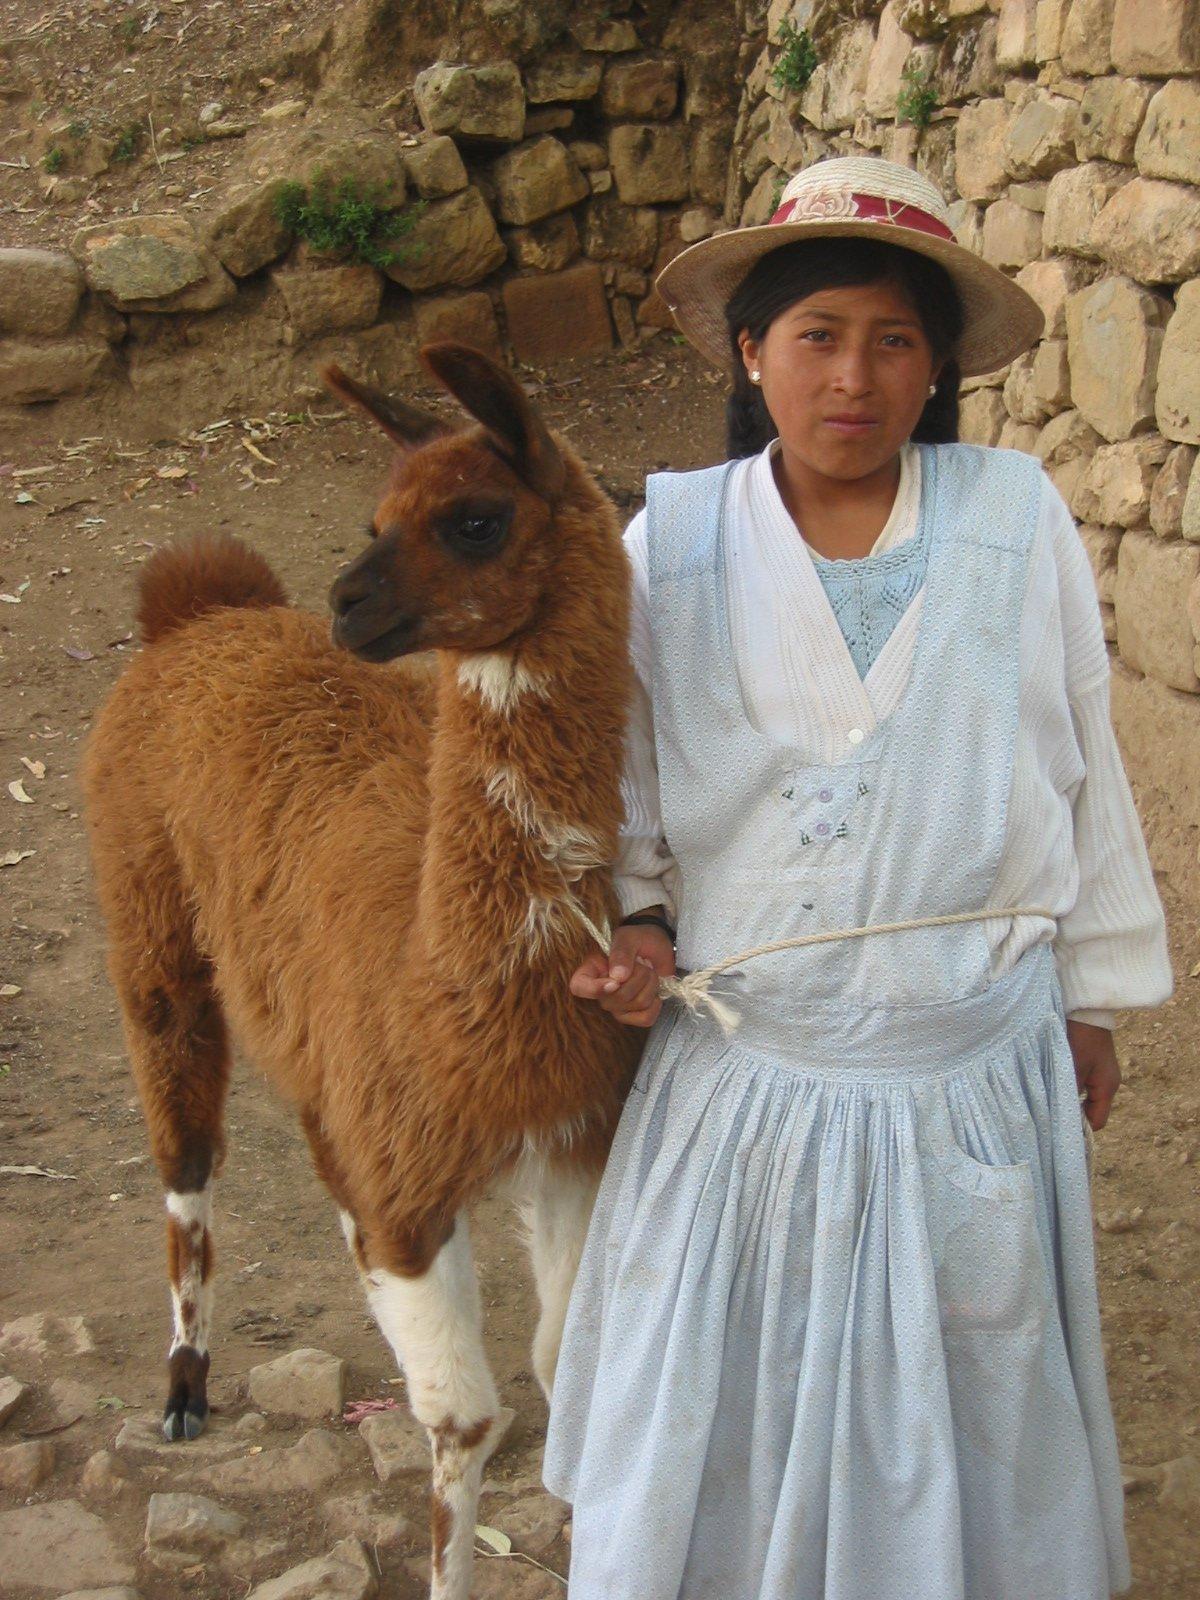 Young Aymaran girl and her alpaca